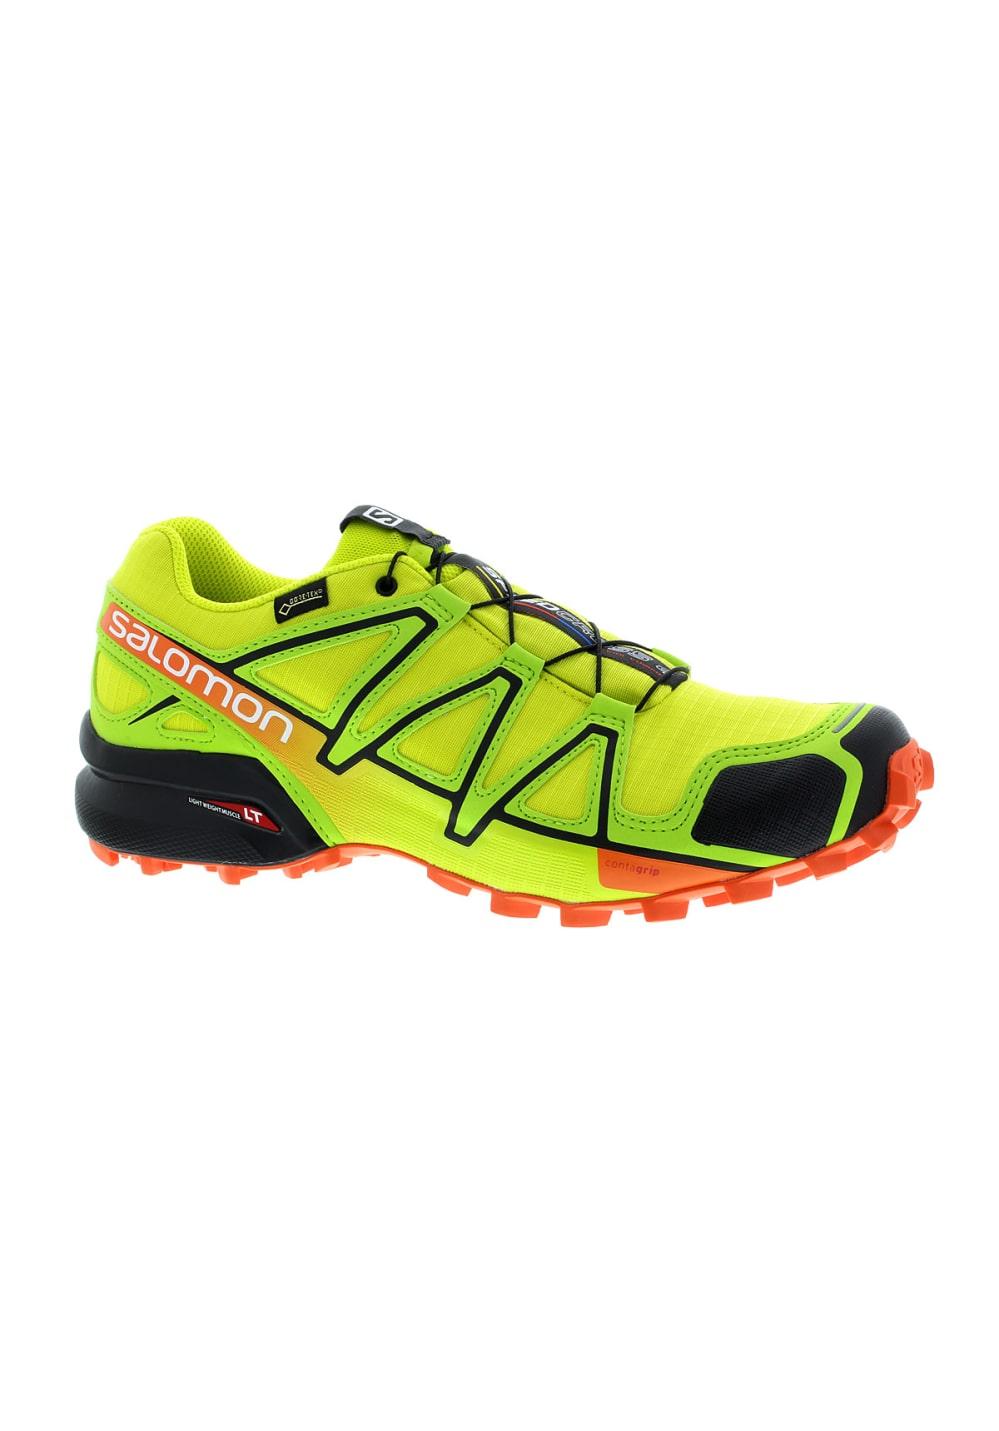 grossiste 87fc2 ed1d8 Salomon Speedcross 4 GTX - Running shoes for Men - Yellow